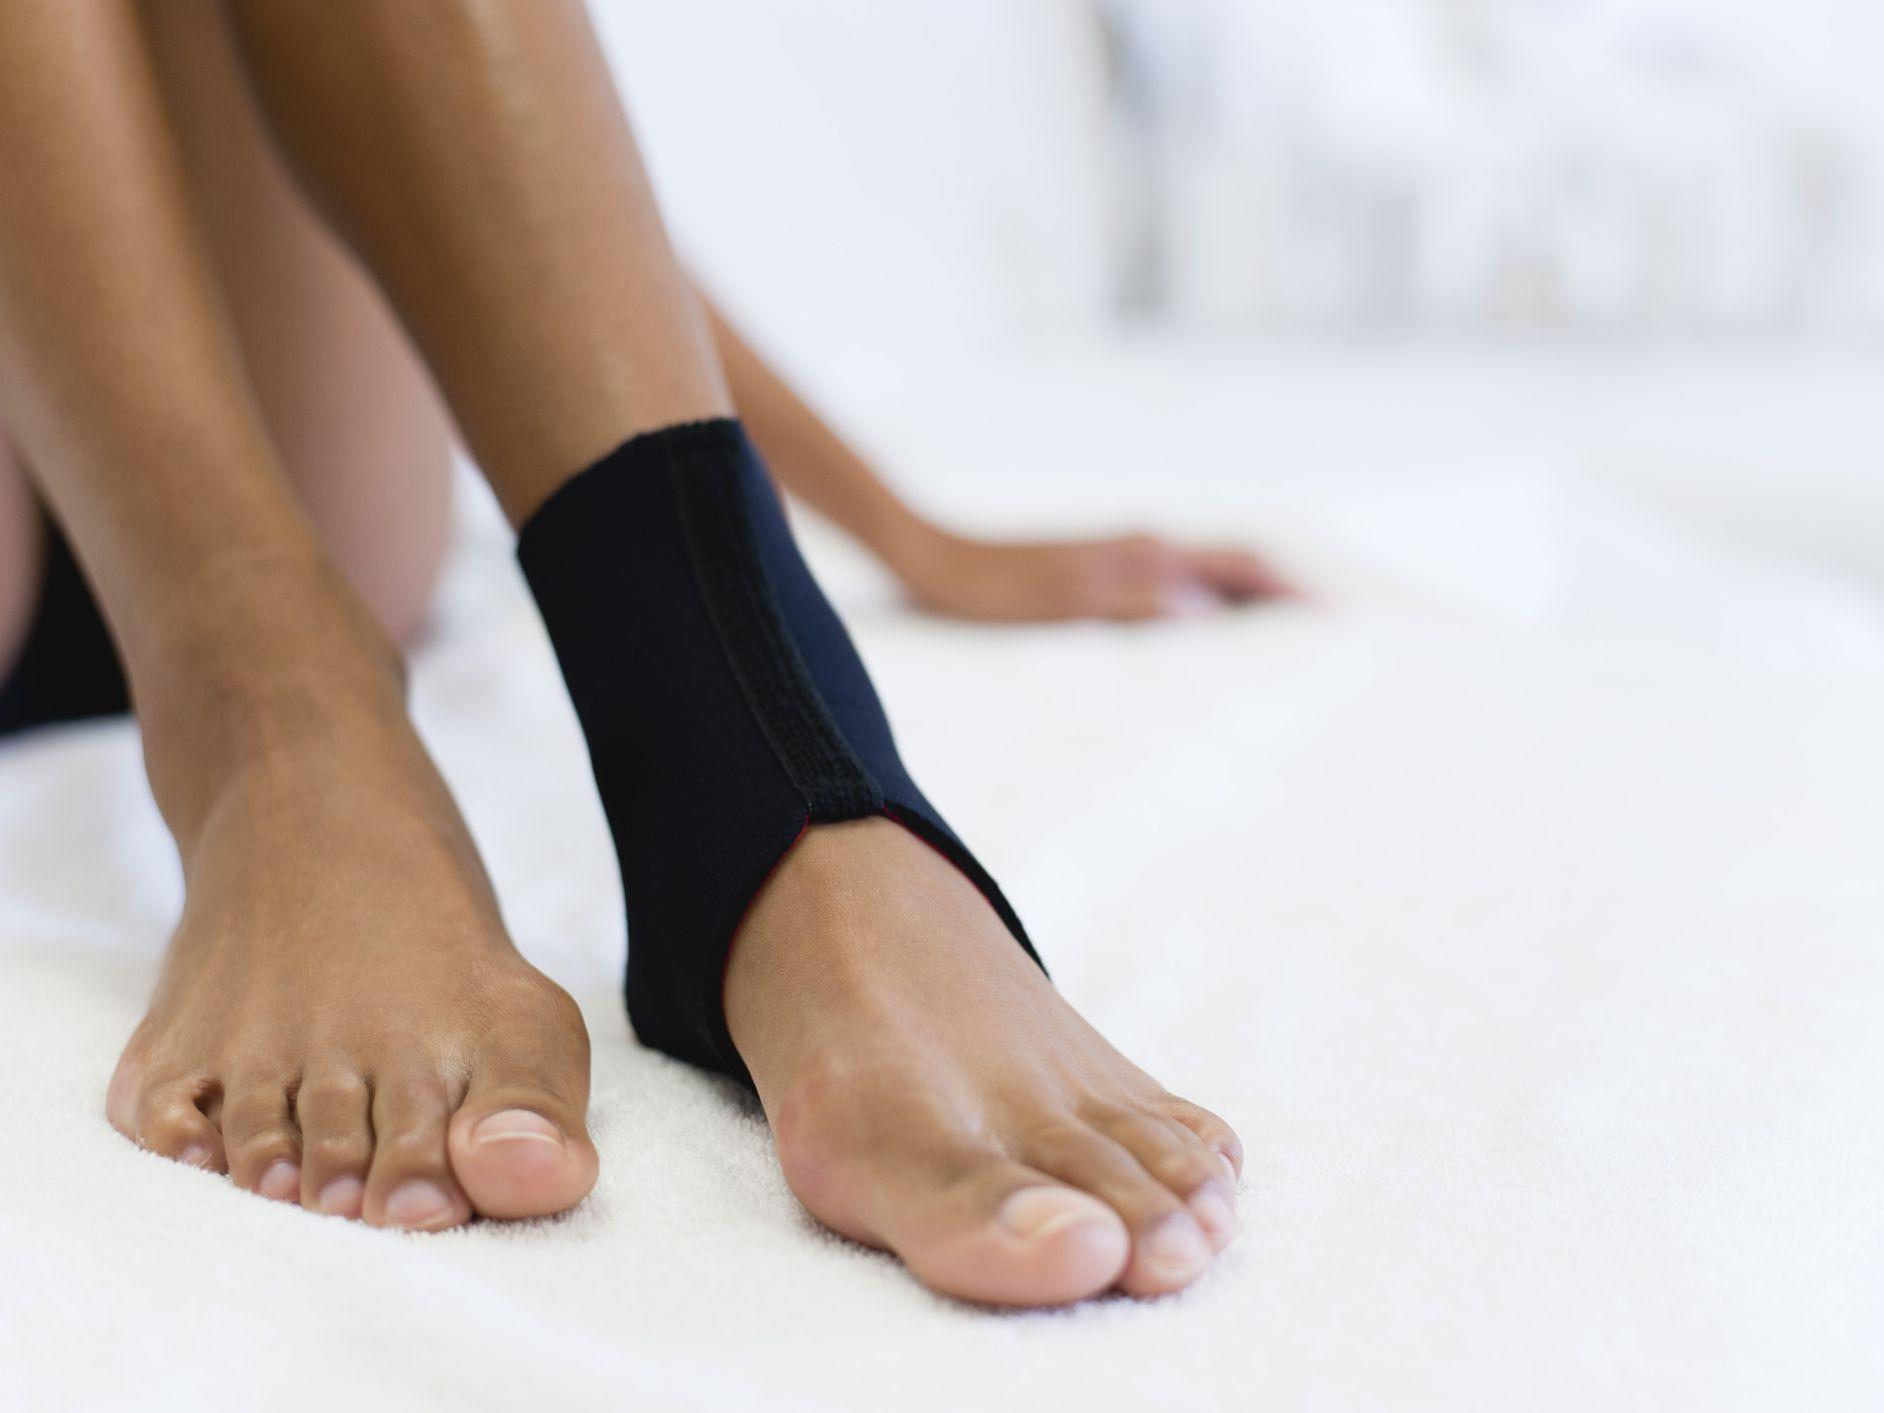 mit kell tenni, ha fáj a vállízületek csukló diszlokáció kórtörténet